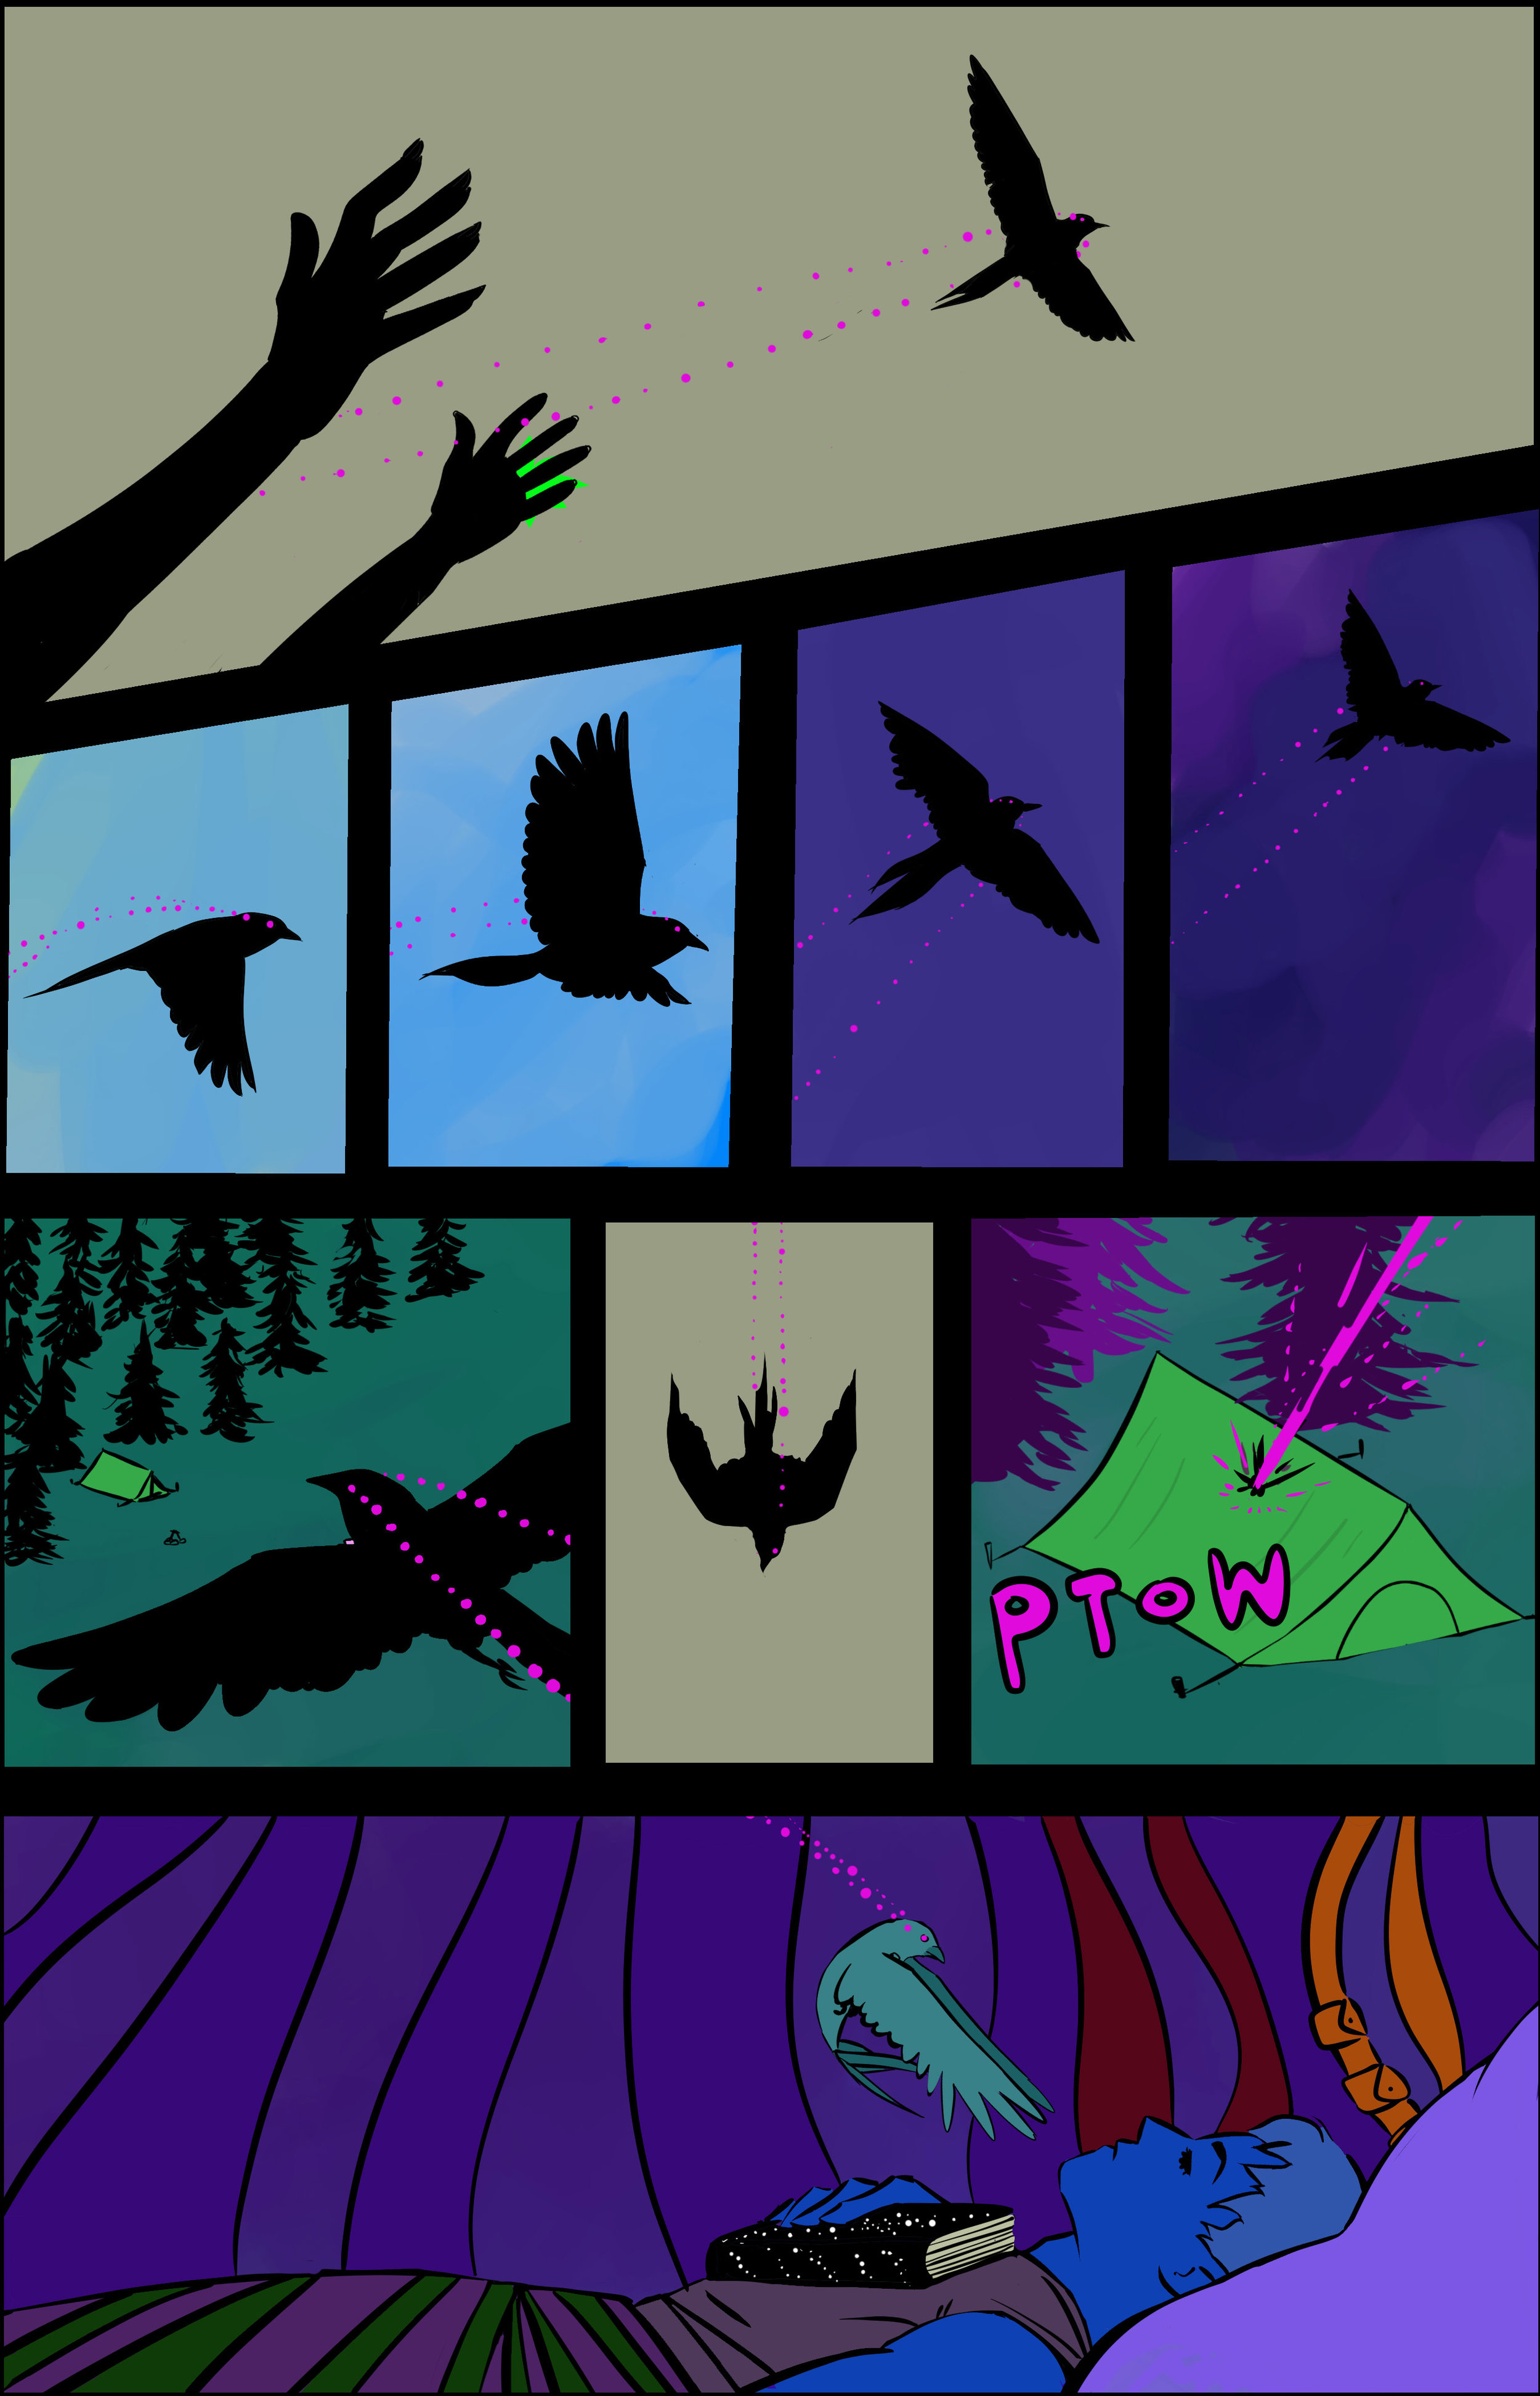 logger bird attack 1.jpg